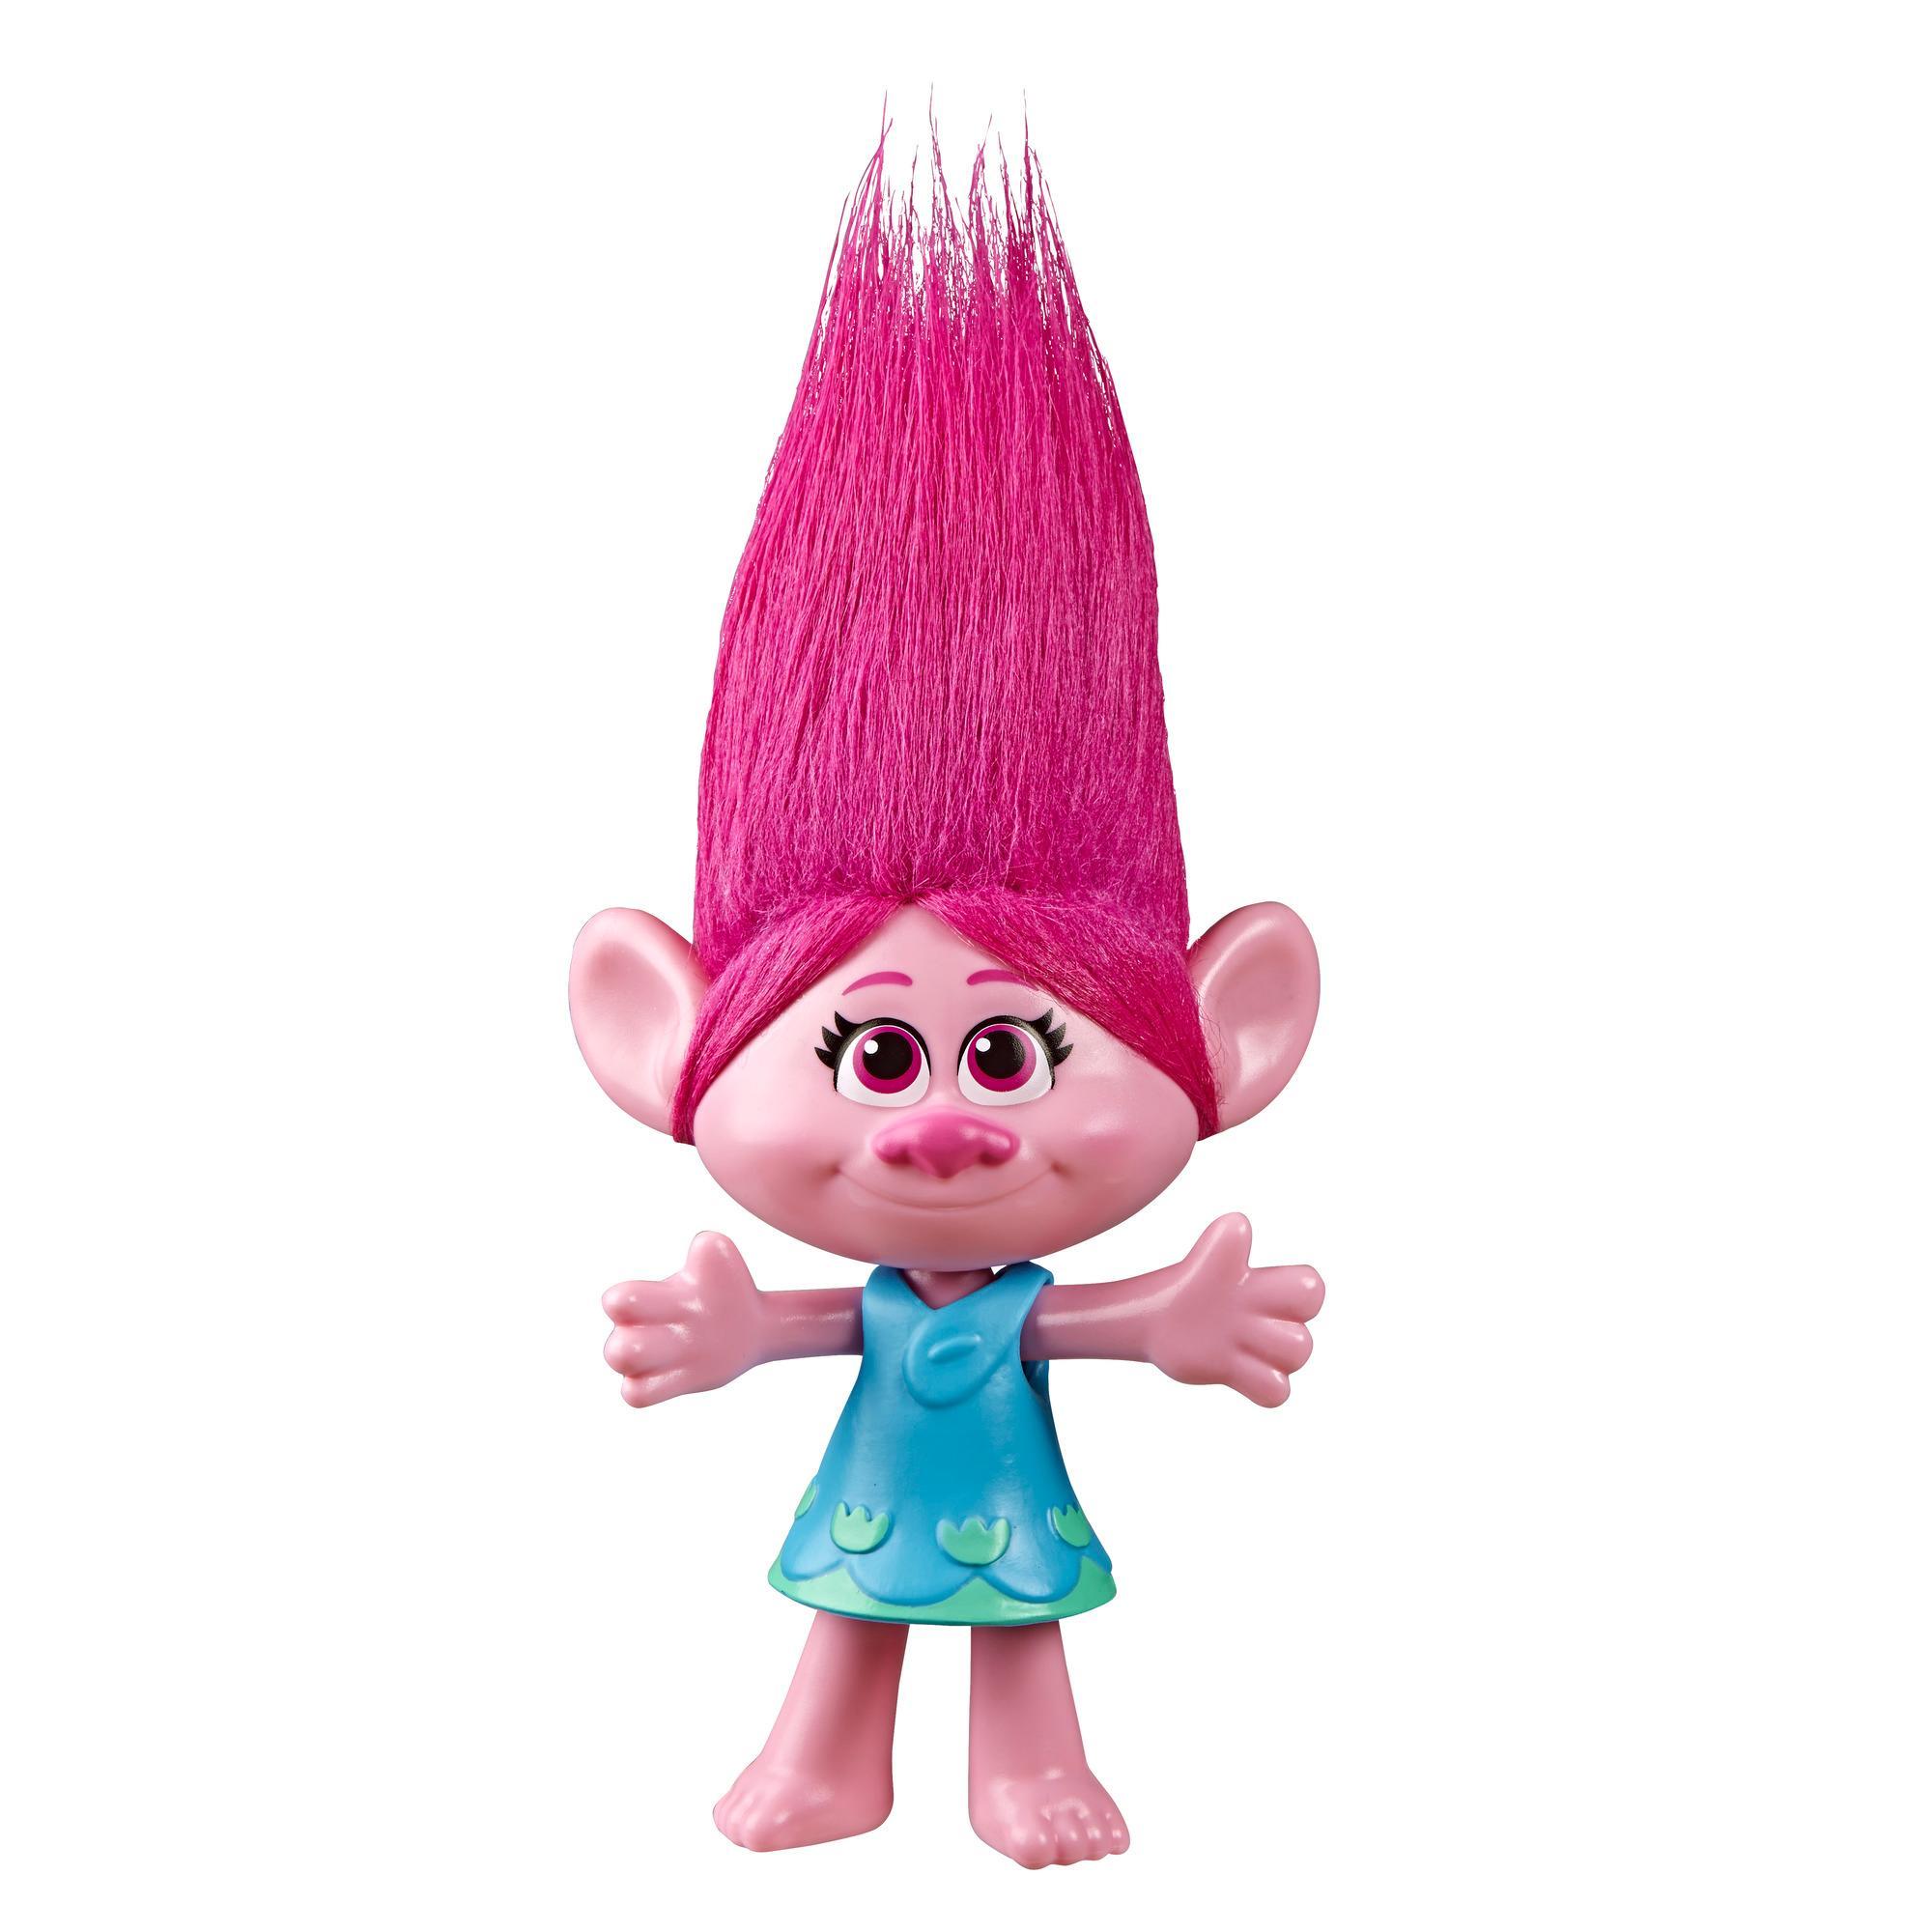 DreamWorks Trolls Poppy com vestido removível, com inspiração no filme Trolls World Tour, brinquedo para crianças acima de 4 anos